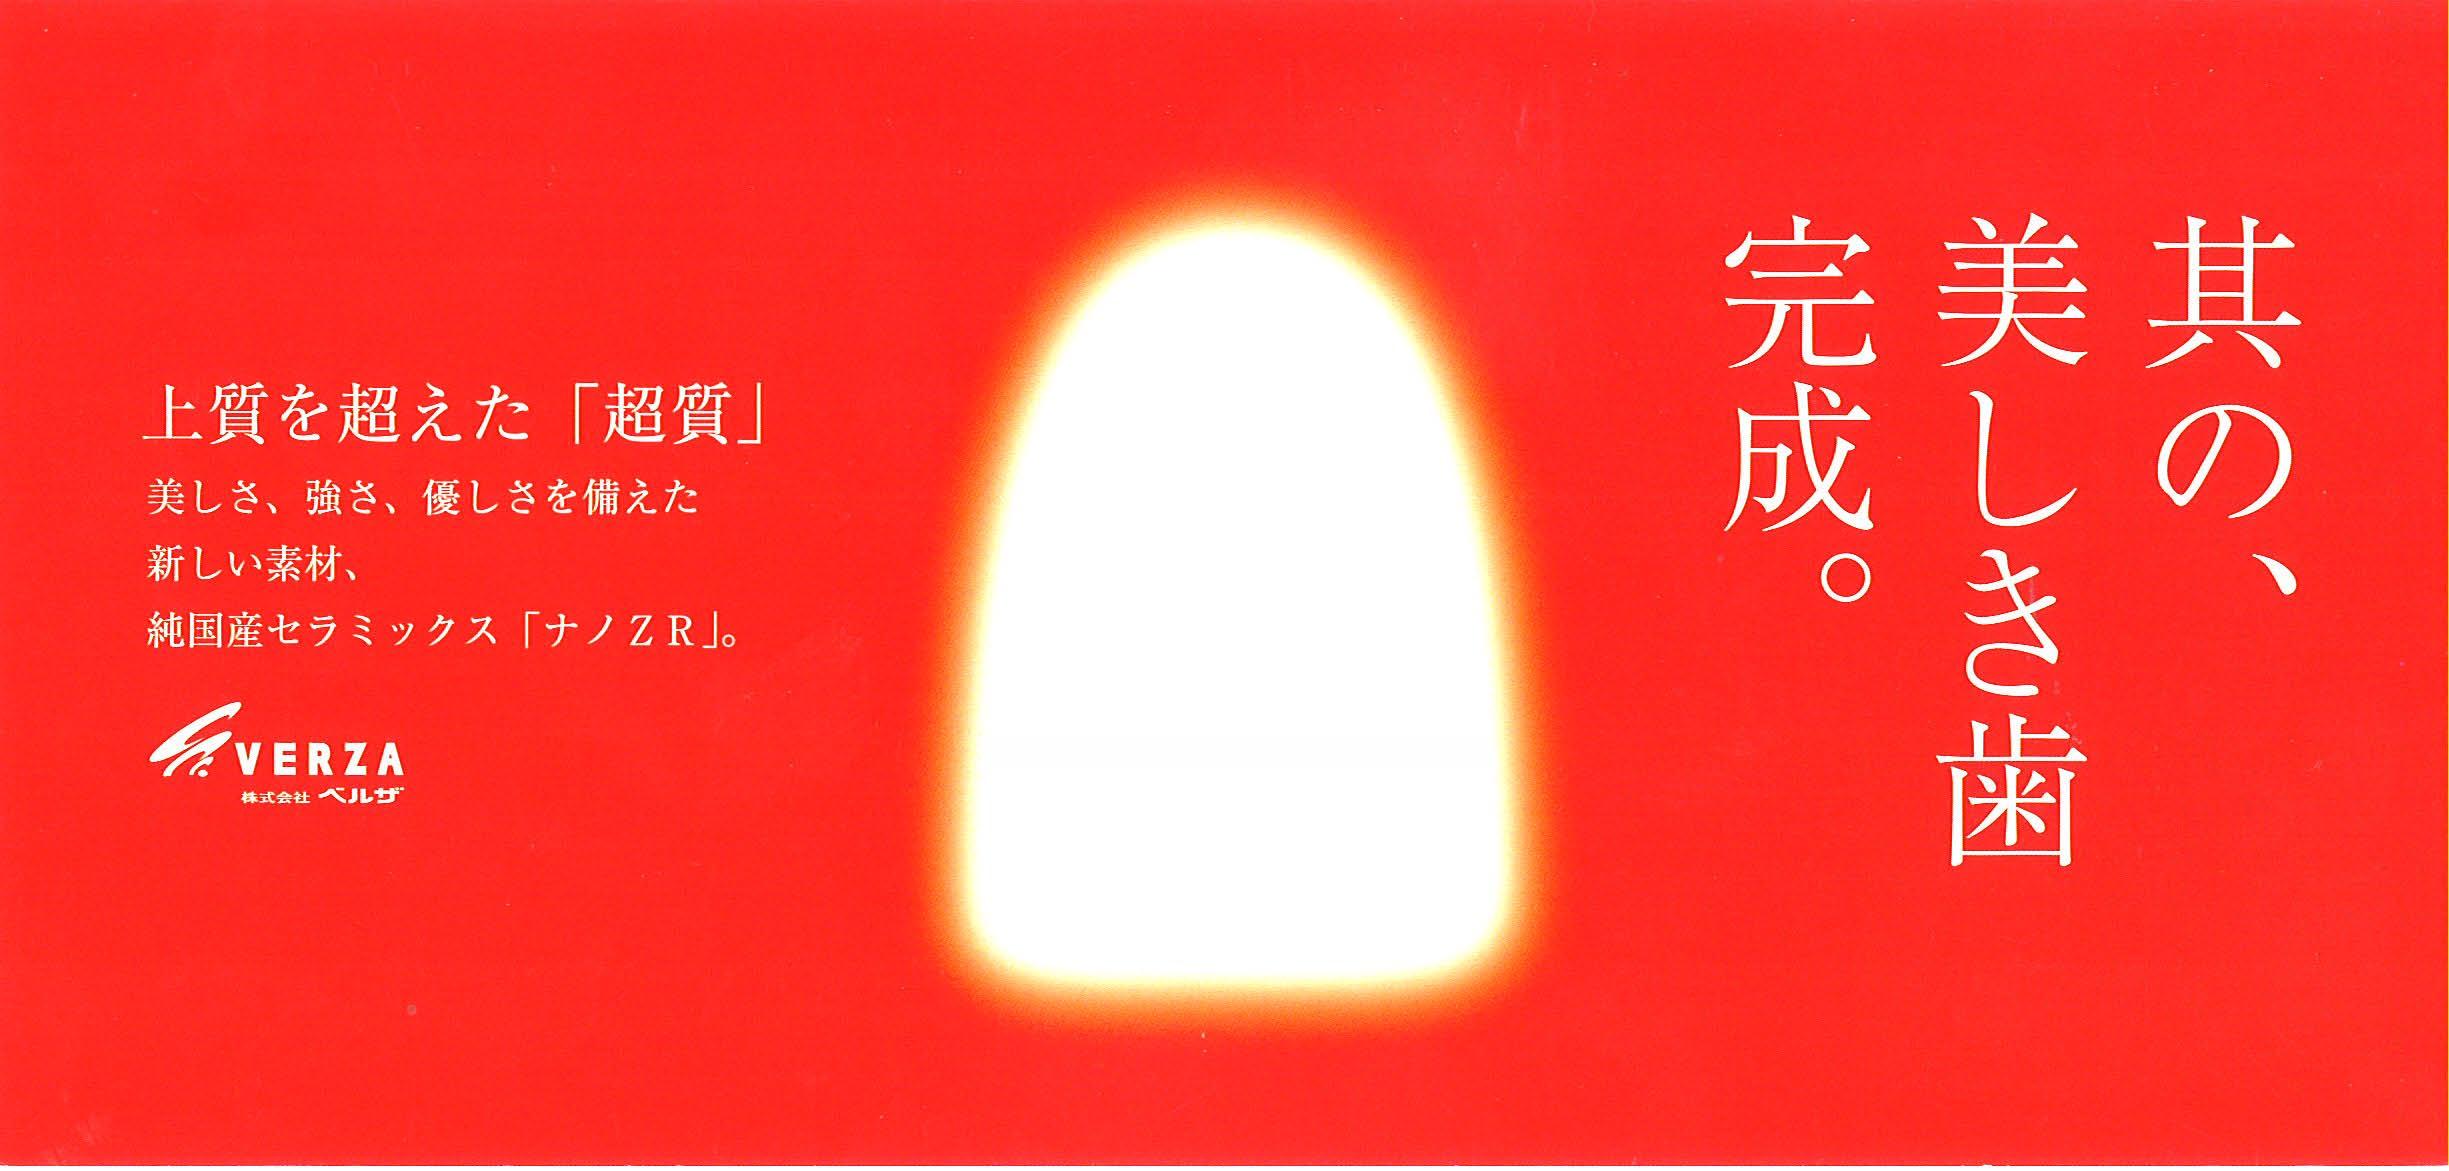 2008-01-16-1640-00.jpg